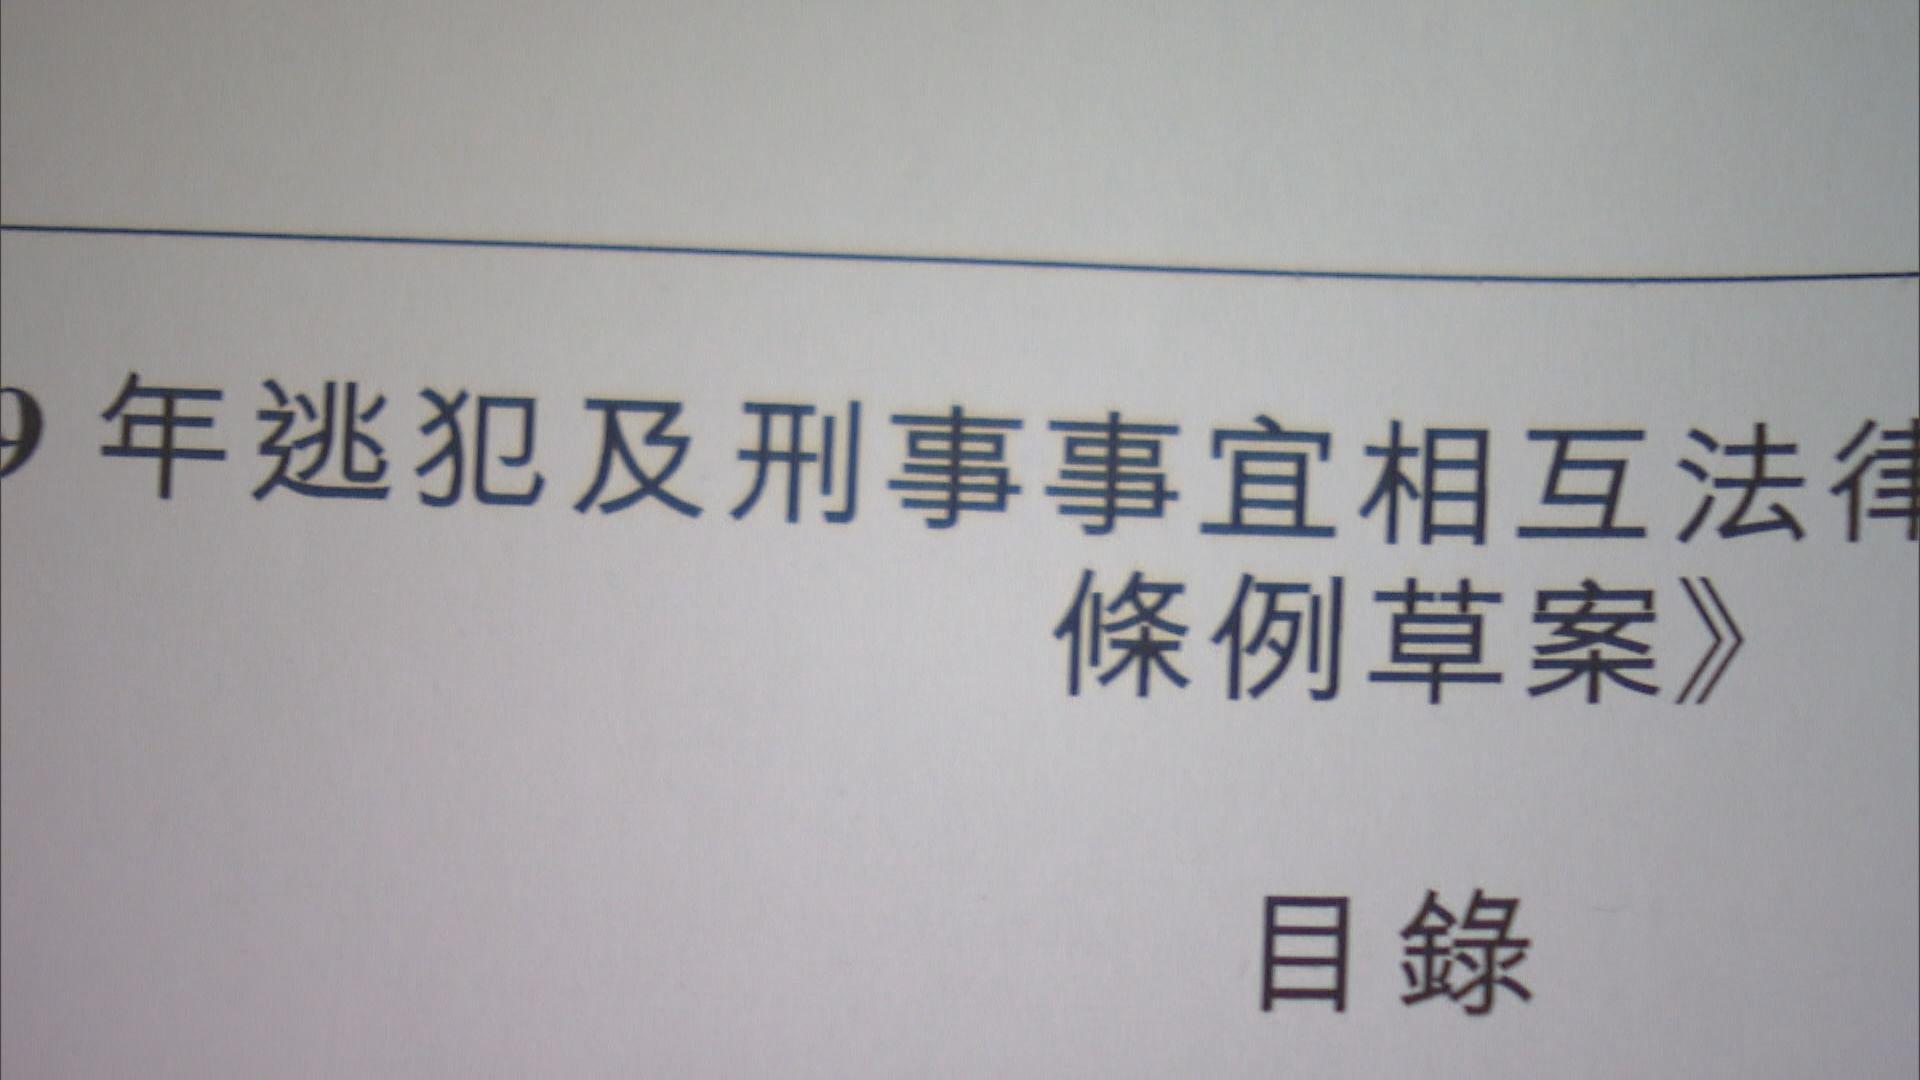 張建宗:修訂逃犯條例非政治任務